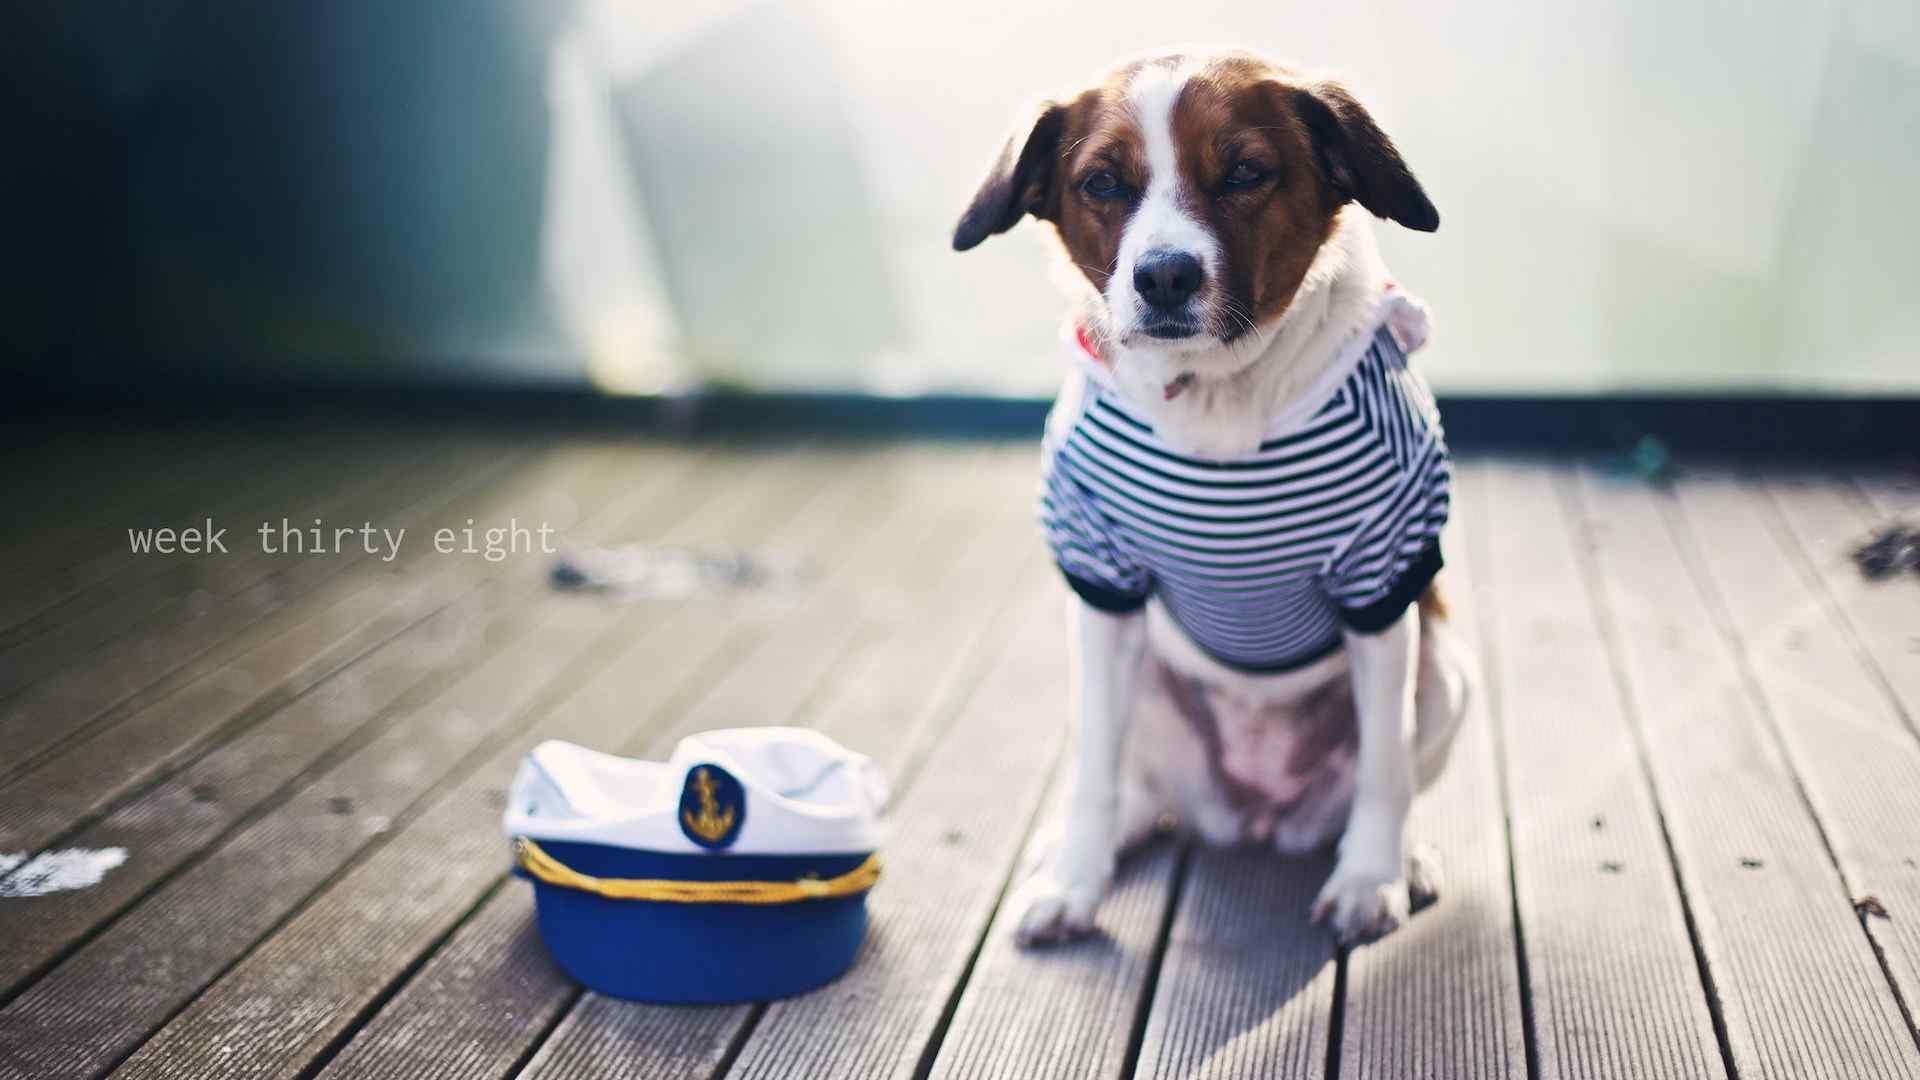 呆萌可爱的海军狗狗桌面壁纸